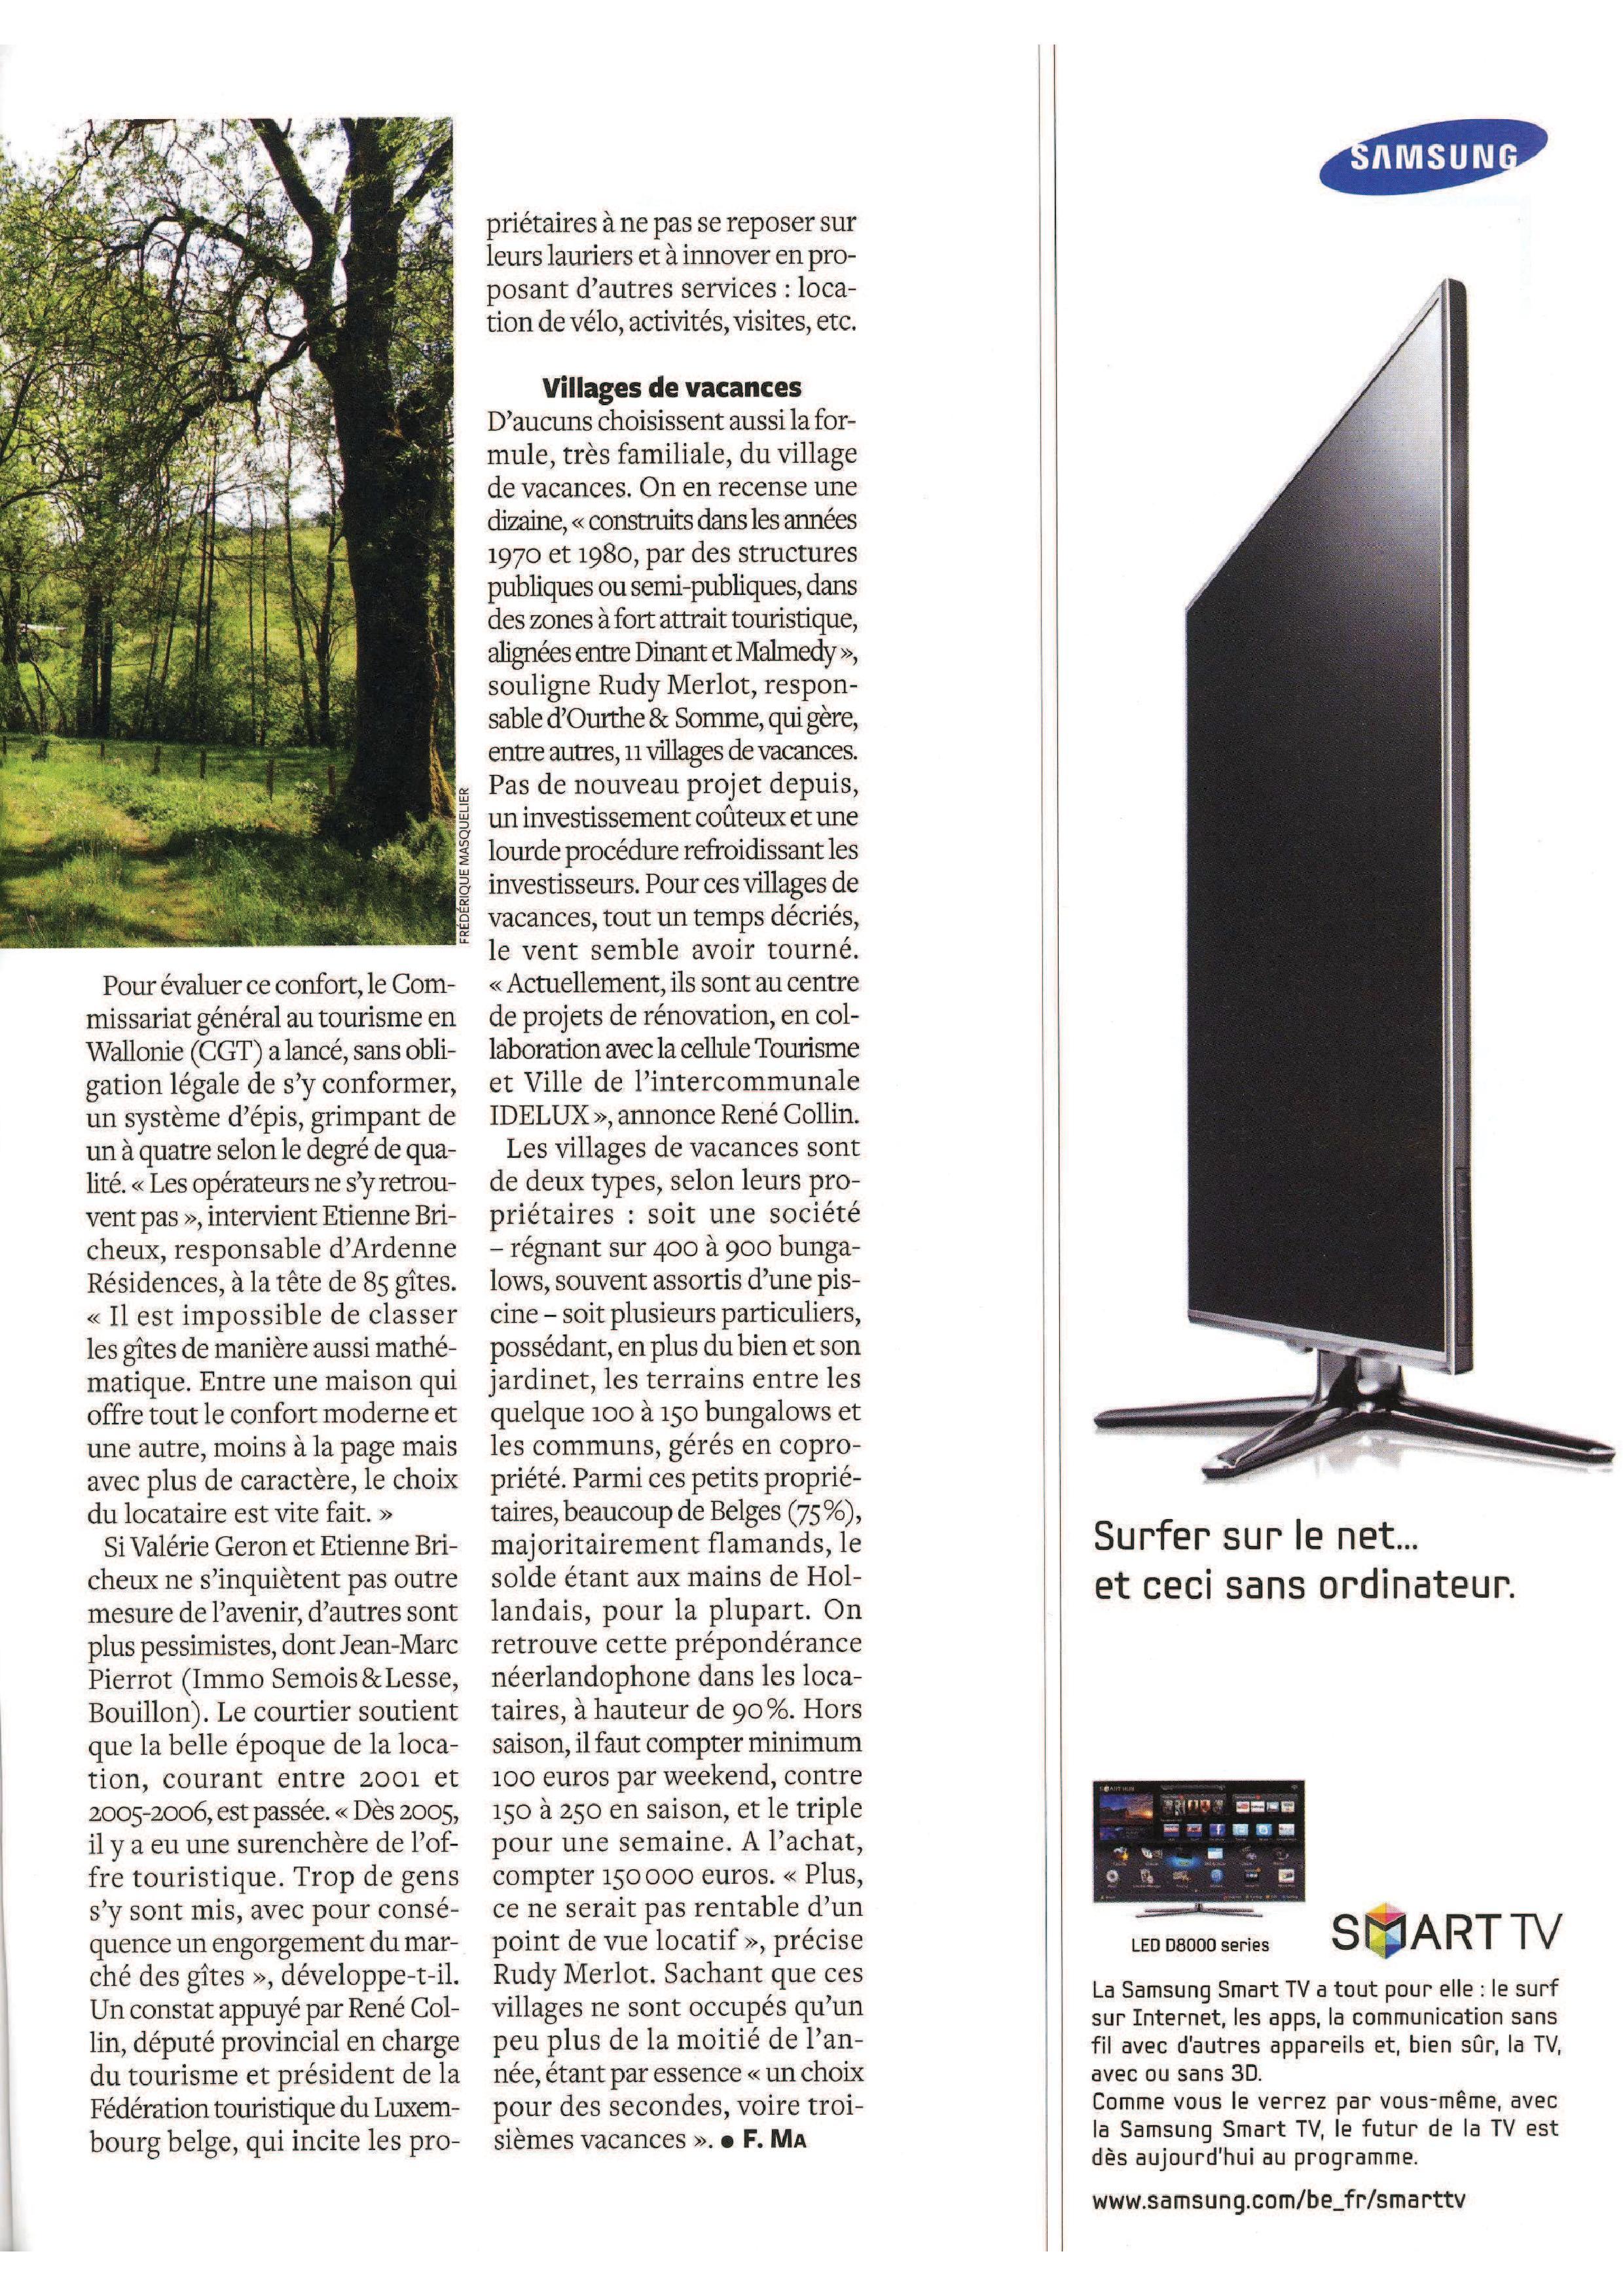 Le Vif du vendredi 27 mai 2011 (2)